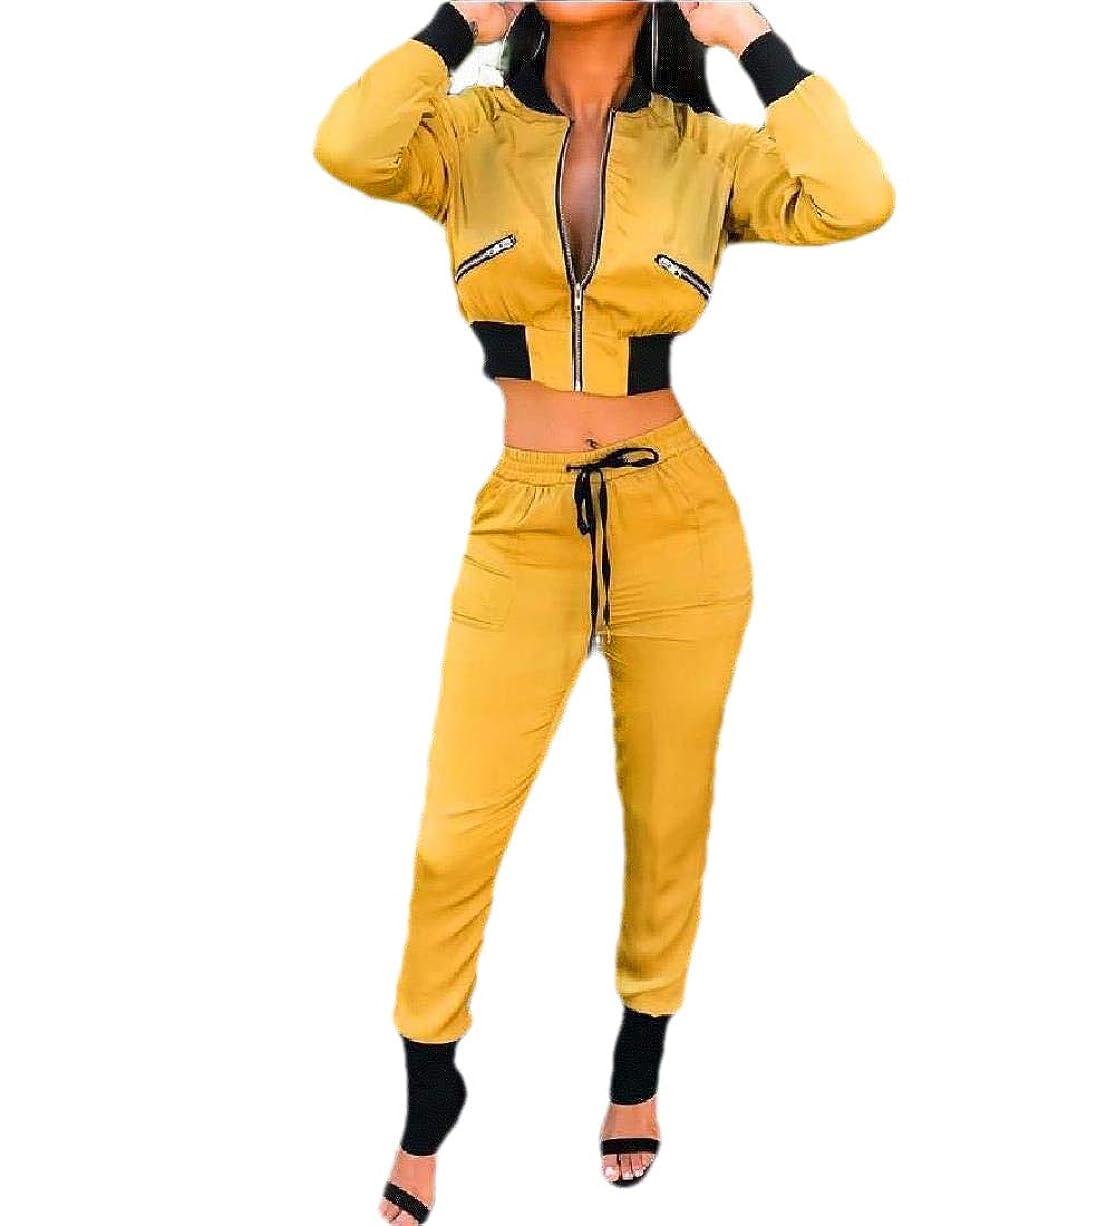 衝突コースディスカウント裕福な女性カジュアルレジャークロップアクティブ2ピーストラックスーツの衣装とジップ